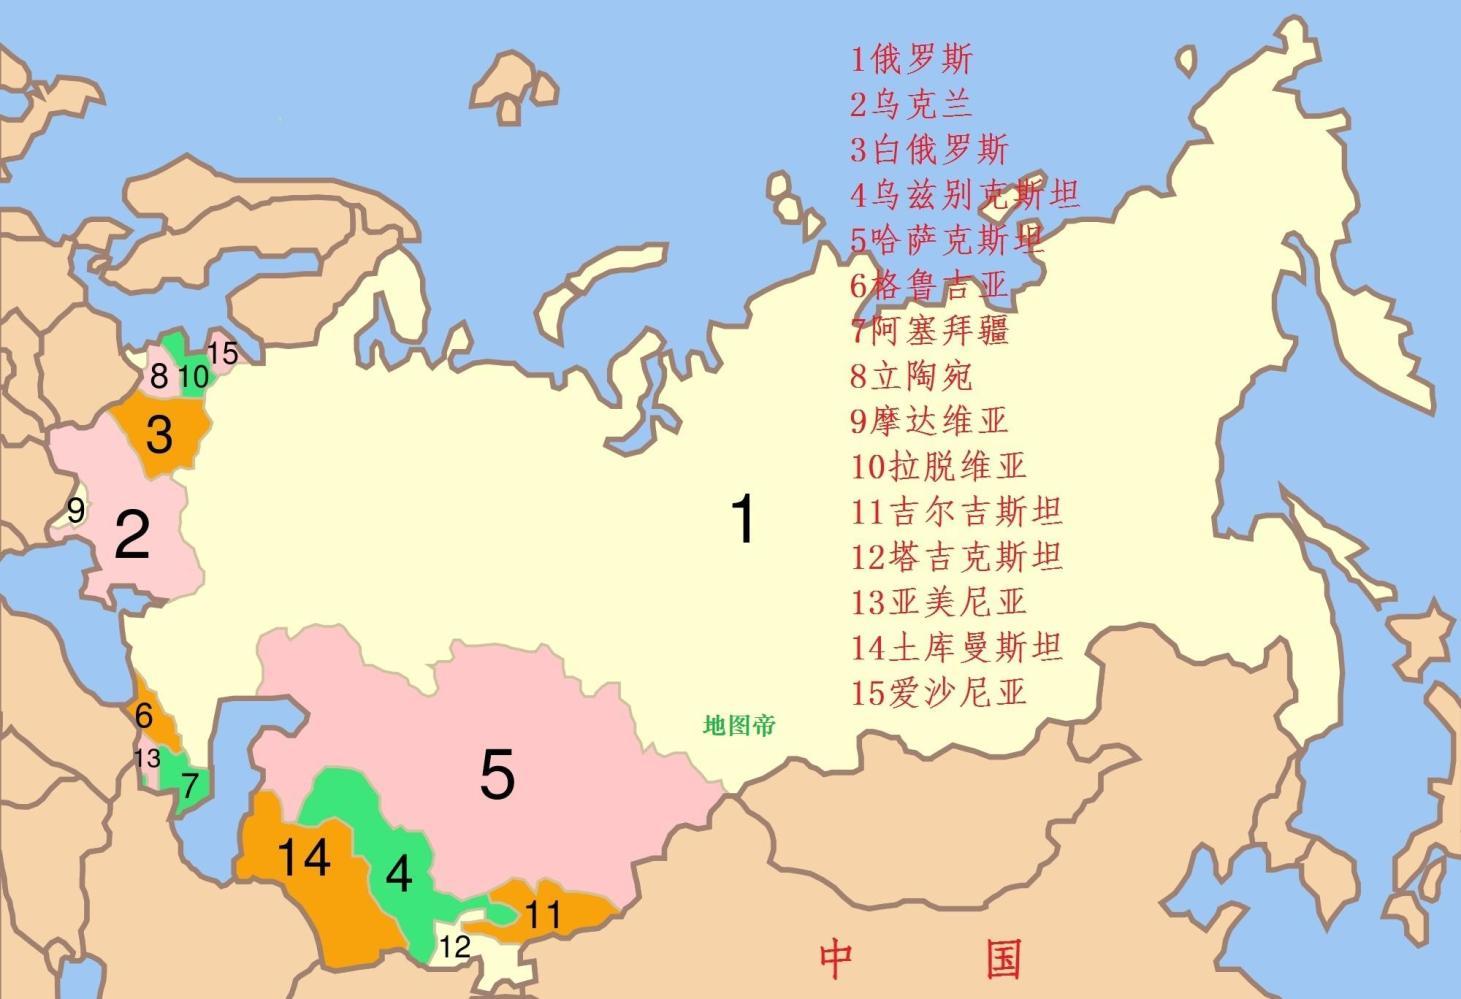 1991年, 苏联解体成15国, 南斯拉夫解体成5国